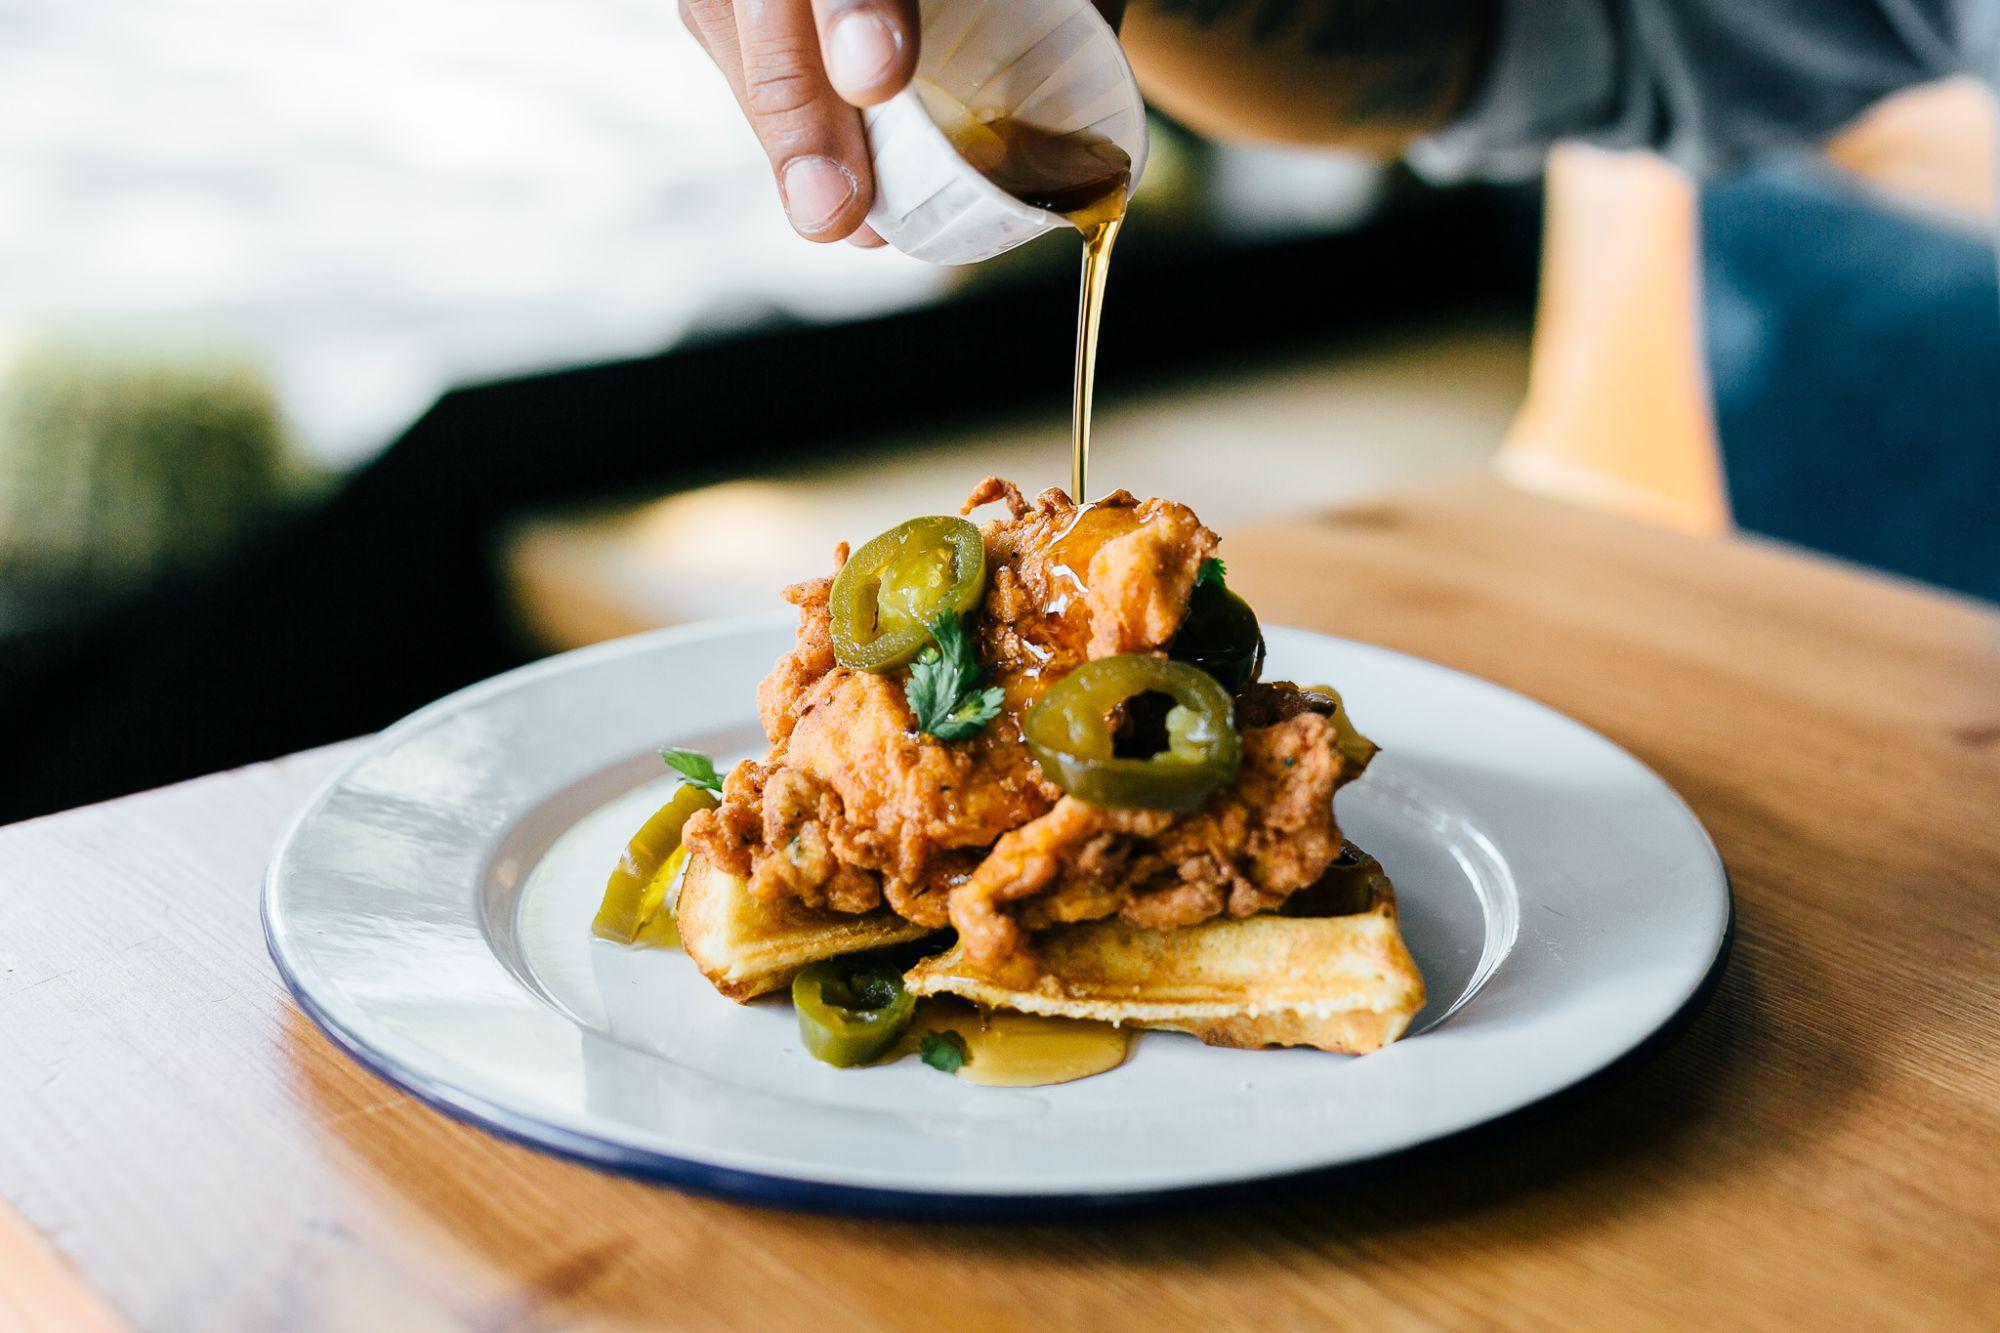 Aquí se puede degustar la cocina cajún, típica de Luisiana y la gastronomía 'creole' con ingredientes libres de gluten. Foto: DooBop.